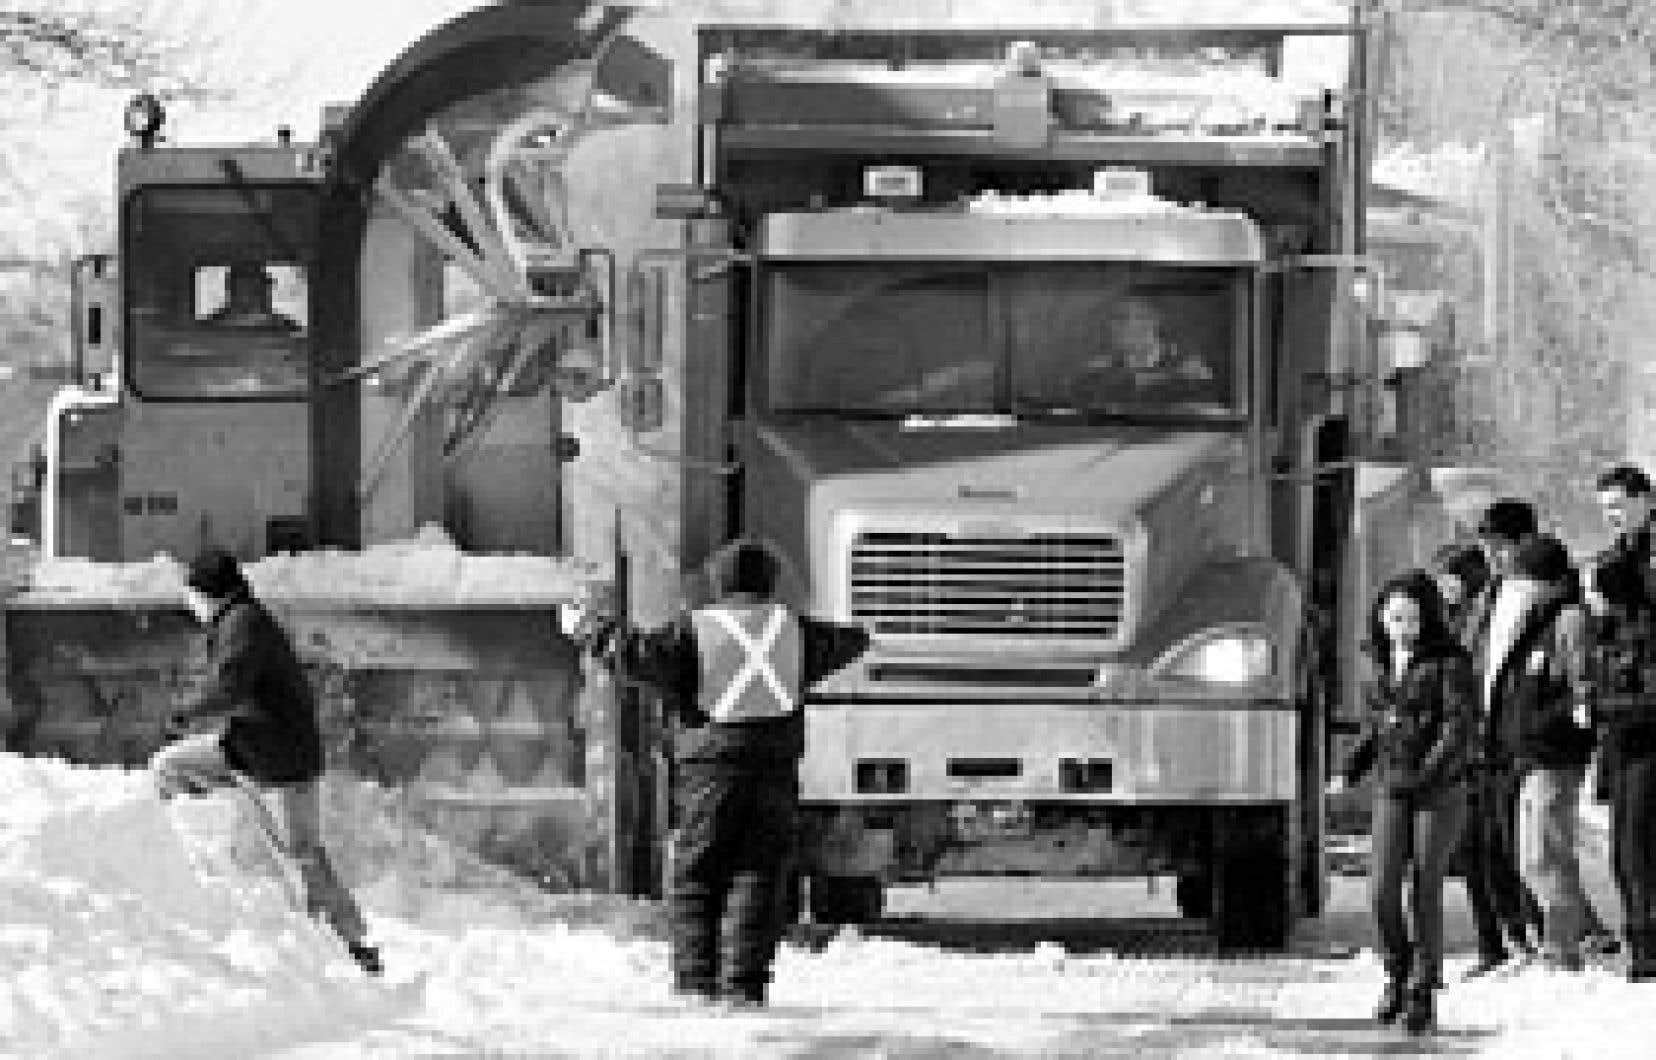 Bientôt, les Montréalais pourront suivre en temps réel  l'avancement des opérations de déneigement dans leur secteur.